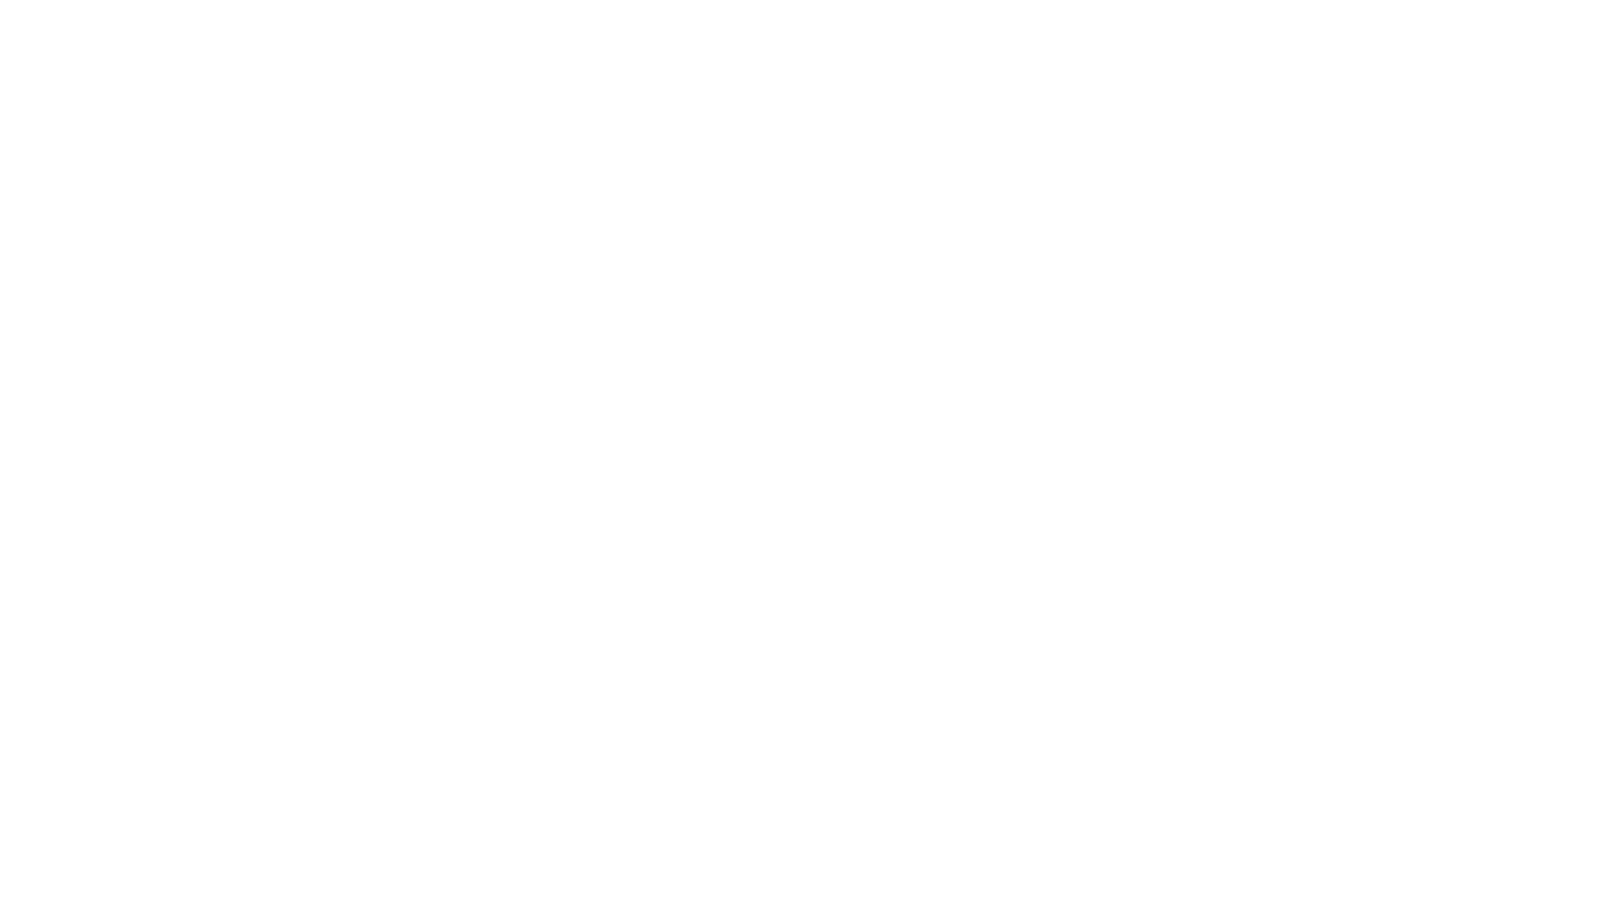 Rolf Keßler: Persönliche Erklärung zur Pressemitteilung der linken Bezirksbürgermeisterin Pohle bzgl. Anti-Corona-Demonstrationen  Sehr geehrte Frau Vorsteherin, sehr geehrte Damen und Herren, leider veranlassen mich aktuelle Ereignisse in unserem Bezirk dazu, diese persönliche Erklärung abzugeben, deren Inhalte ausdrücklich auch den Standpunkt unserer Fraktion darstellen.  Auf der Homepage des Bezirksamtes wurde am 29. Januar 2021 ein Aufruf des Bündnisses für Demokratie und Toleranz als Presserklärung der Bezirksbürgermeisterin veröffentlicht. Thematisiert werden Demonstrationen von Menschen in unserem Bezirk, welche die gegenwärtigen Restriktionen im Zusammenhang mit der Pandemie kritisch bewerten.  Durch die Teilnahme unseres Wahlkreisabgeordneten Gunnar Lindemann, weiterer Parteimitglieder und parteinaher Aktivisten zeigt die AfD ihre Solidarität mit diesen Demonstrationen. Dieser Umstand ist eine Ursache des Aufrufes.  Frau Pohle, Sie als Schirmherrin des genannten Bündnisses riefen die Bürgerinnen und Bürger dazu auf, sich dem Aufruf anzuschließen und sich nicht an diesen Aktionen zu beteiligen.  Frau Bezirksbürgermeisterin, Ihre Presserklärung hatte zwei Aspekte, die ich im Folgenden kurz darstelle:  Erstens:  zeigt sie erneut Ihre Arroganz der Macht, die sich über die Lebensumstände von Menschen in unserem Bezirk erhebt und das Handeln von Menschen verurteilt, welche für ihre Interessen an legalen Demonstrationen teilnehmen und das auch noch gemeinsam mit Mitgliedern der AfD. Zum wiederholten Male stellten Sie ihren politischen Standpunkt, ihre Parteiräson über die Interessen von Bürgern. Haben Sie aus der Vergangenheit nicht gelernt? Schon einmal haben Sie erlebt, dass die Partei- und Staatsführung die Lebenswirklichkeit, die Hoffnungen und Nöte des Volkes ignorierte und dafür hinweggefegt wurde. Dokumentiert Ihr Verhalten vielleicht, dass Sie im Inneren Ihrer Seele nie eine konsequente Verfechterin der Demokratie waren?    Zweitens: und jetzt kommt die re